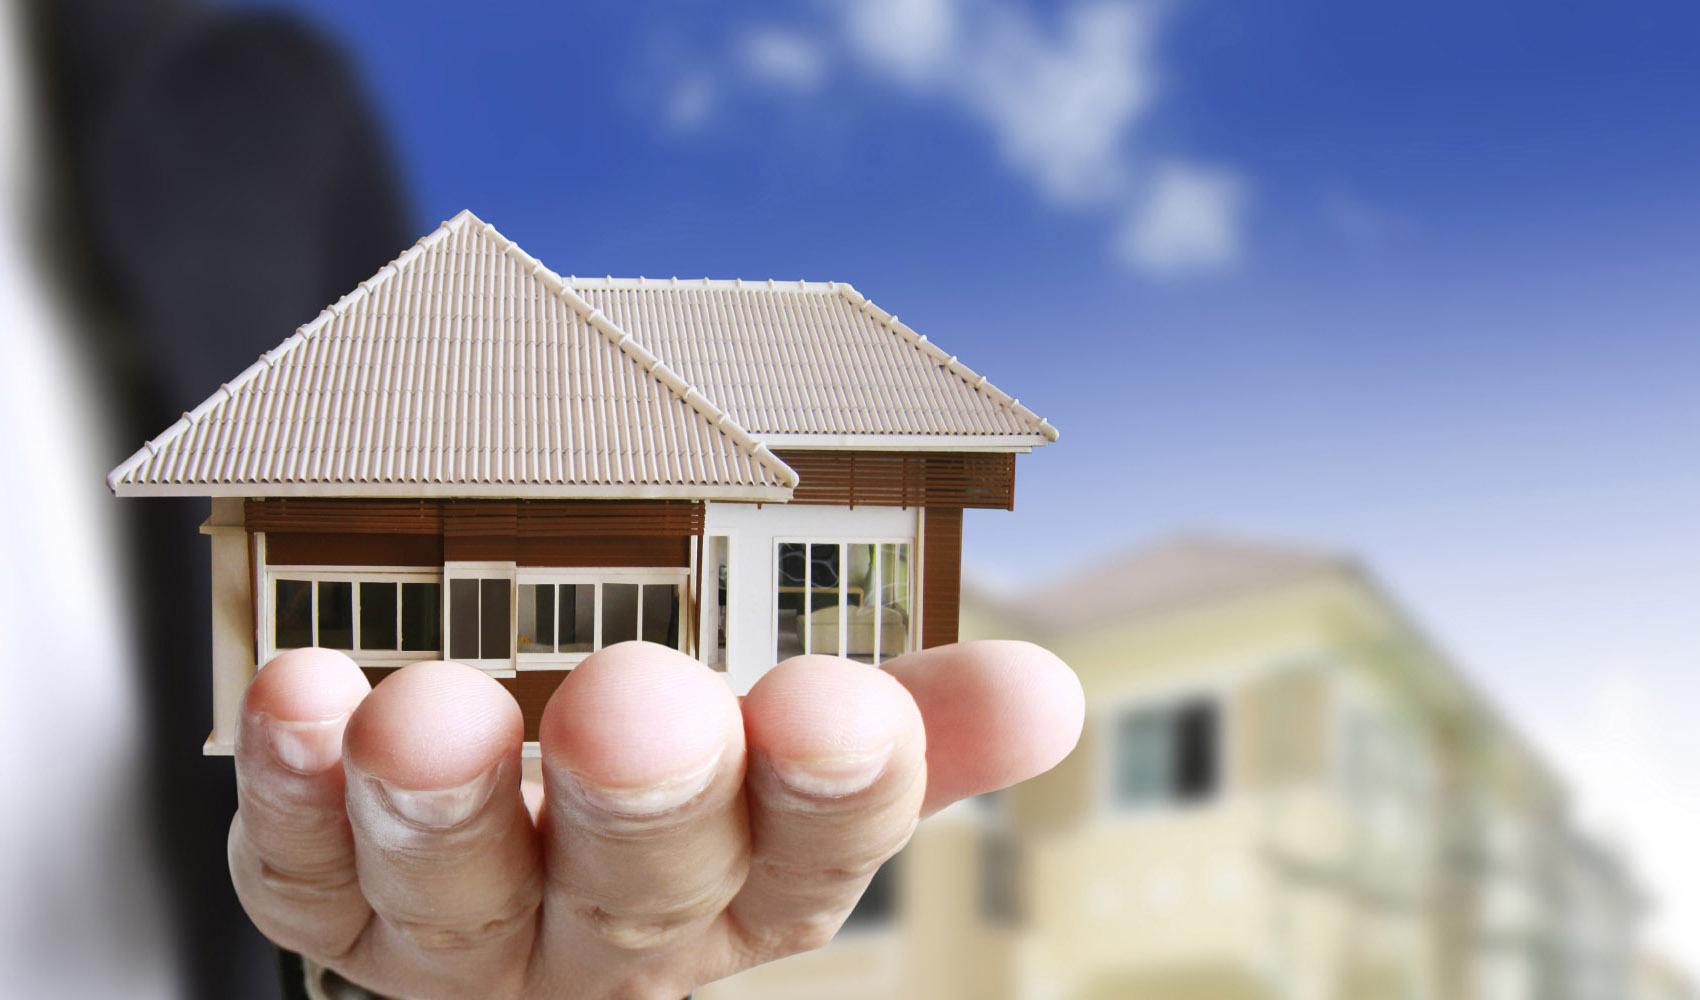 آغاز عملیات اجرایی احداث ۲۰ هزار واحد مسکونی در شهرهای جدید